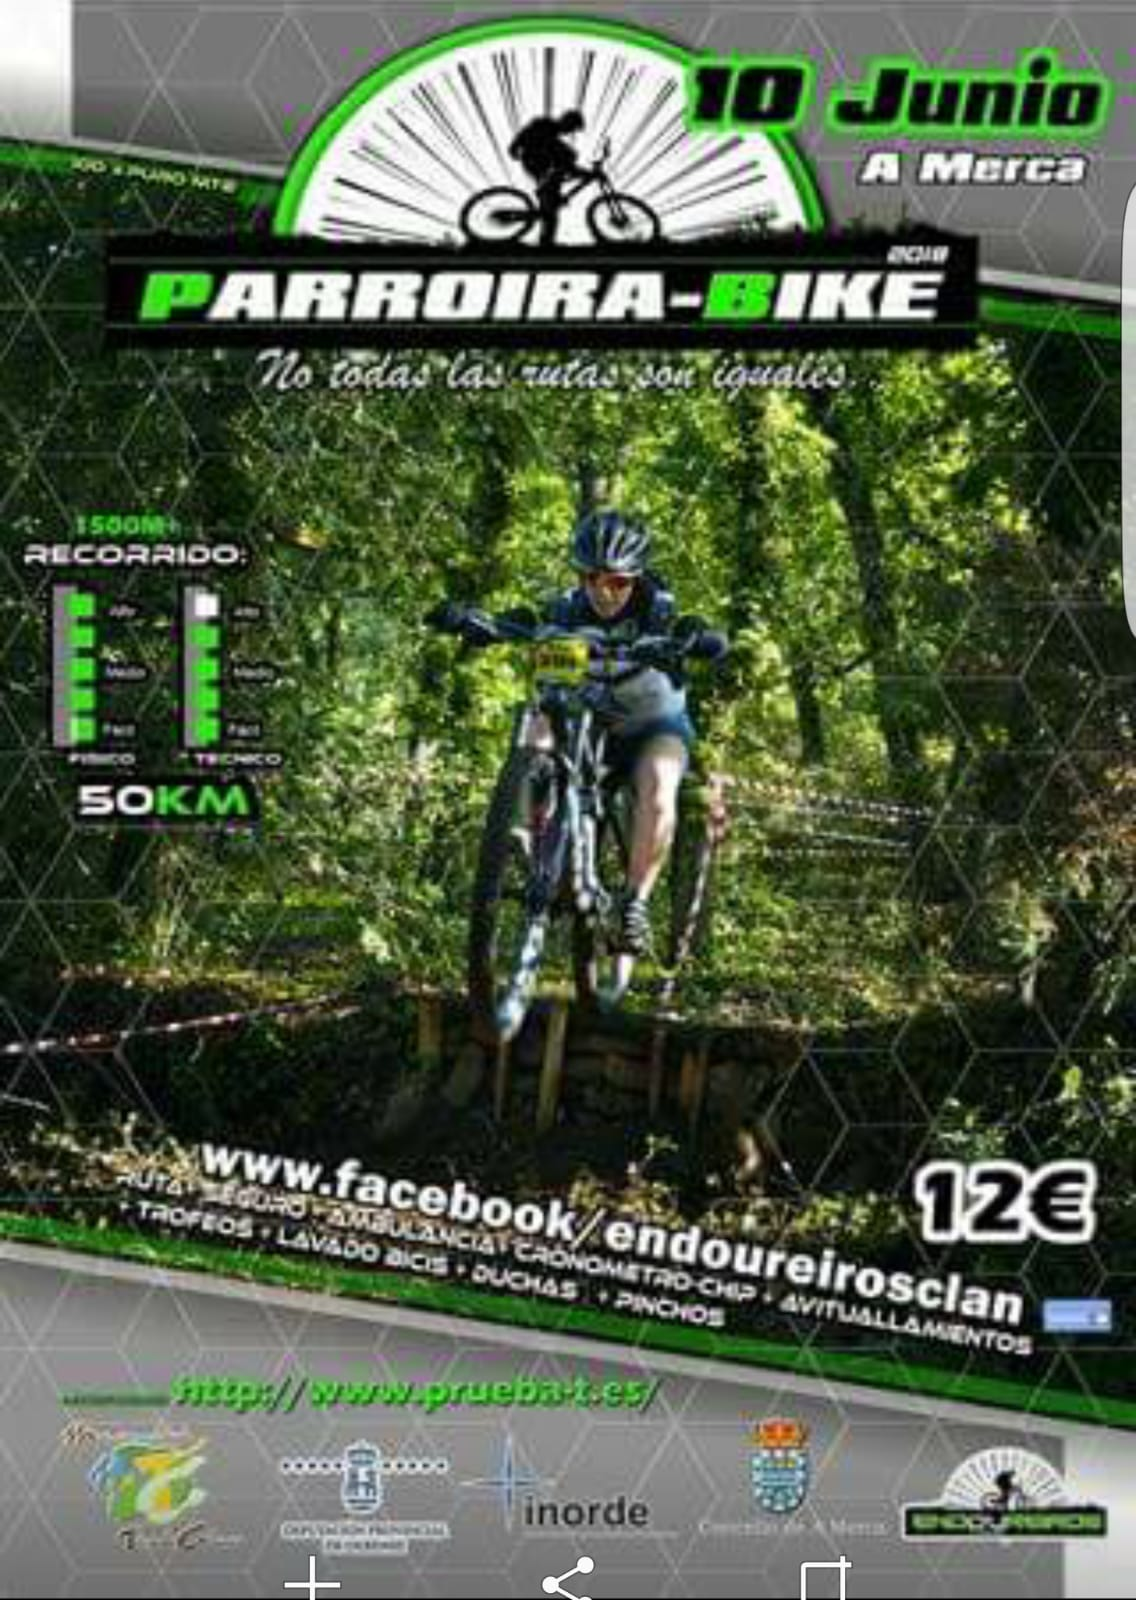 Parroira Bike